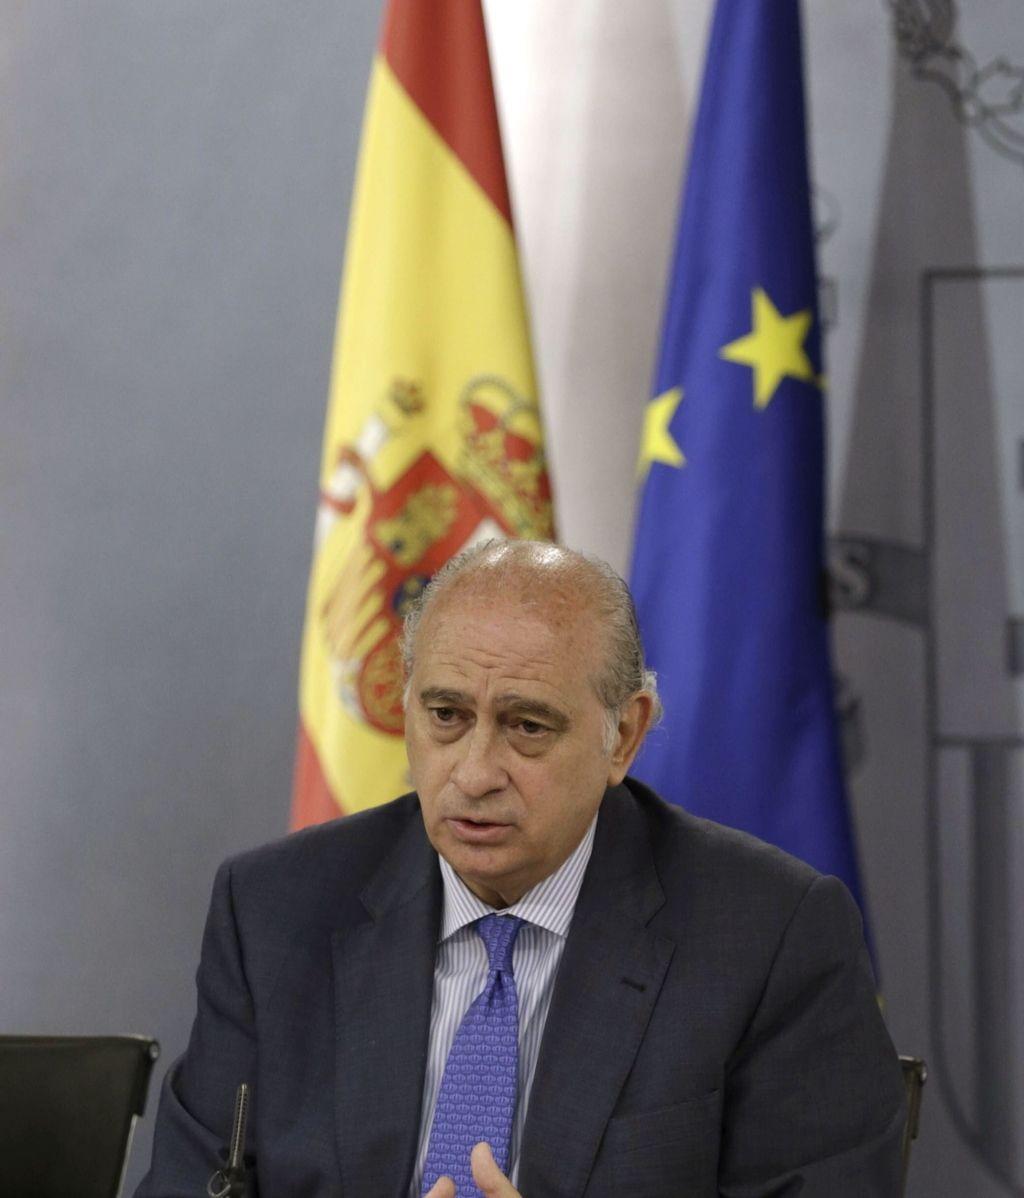 Fernandez Díaz